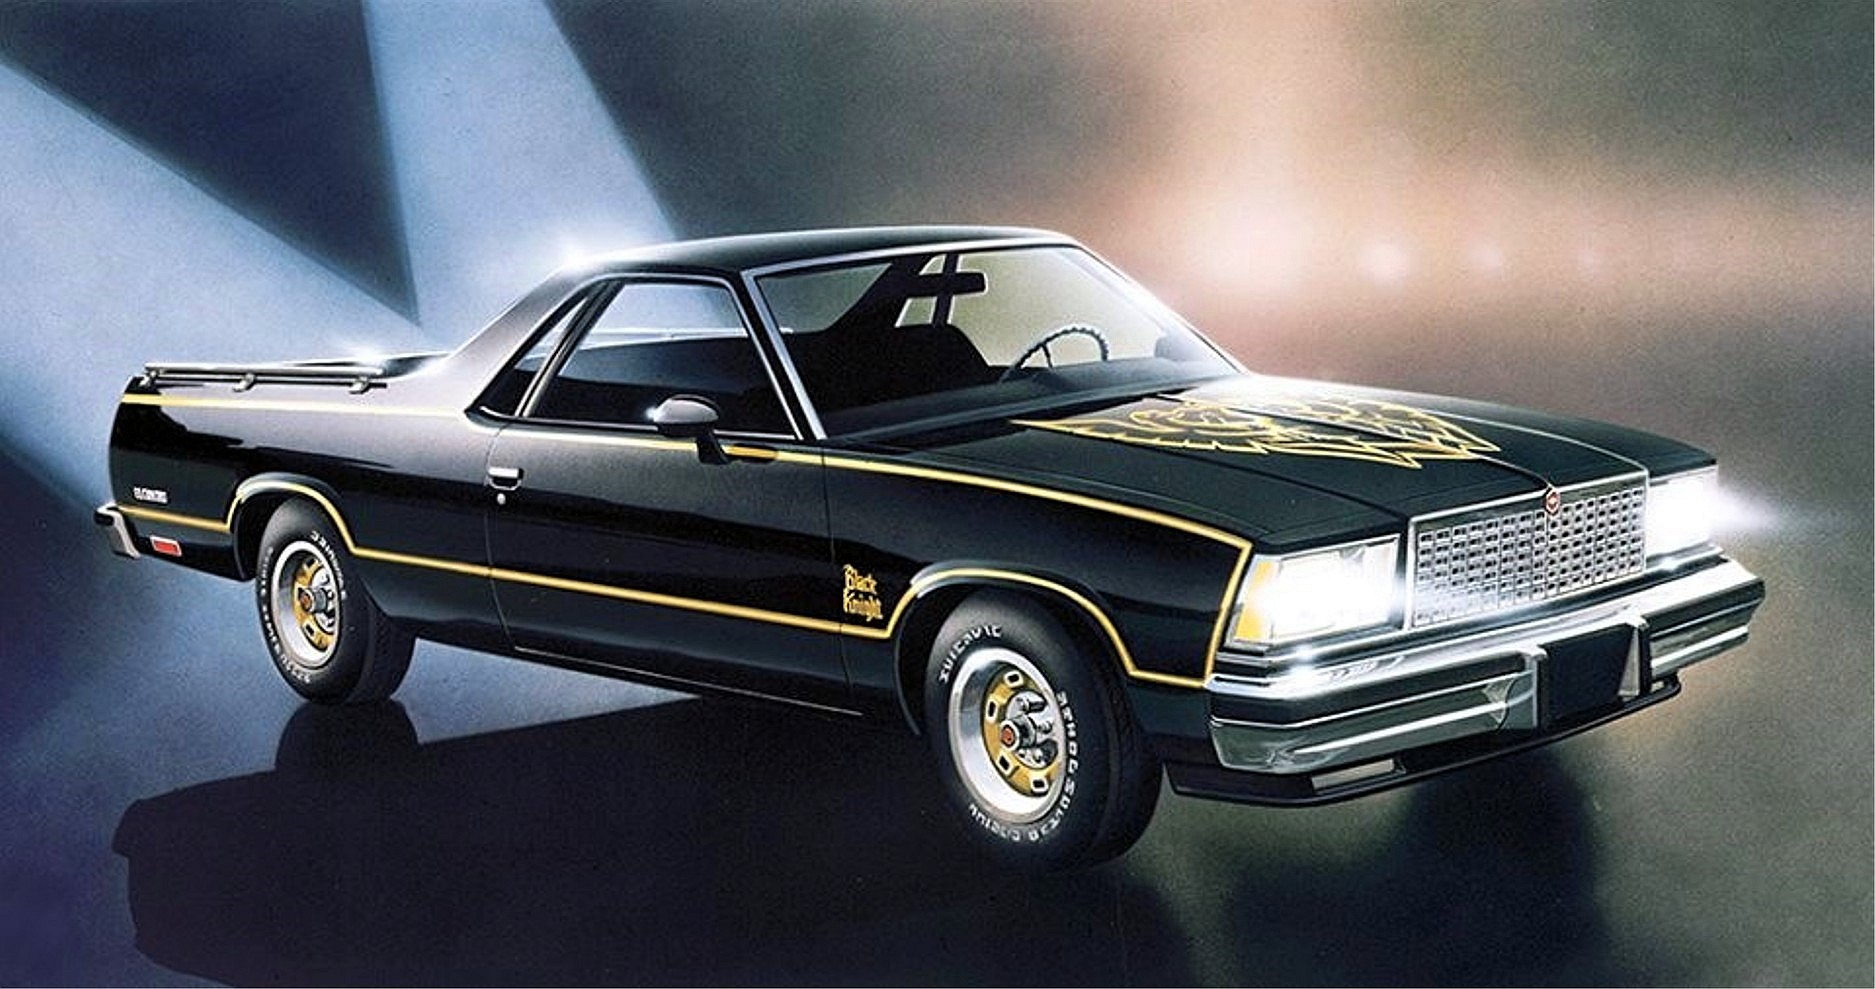 87 Monte Carlo Ss Black >> 1978 Chevrolet El Camino Black Knight